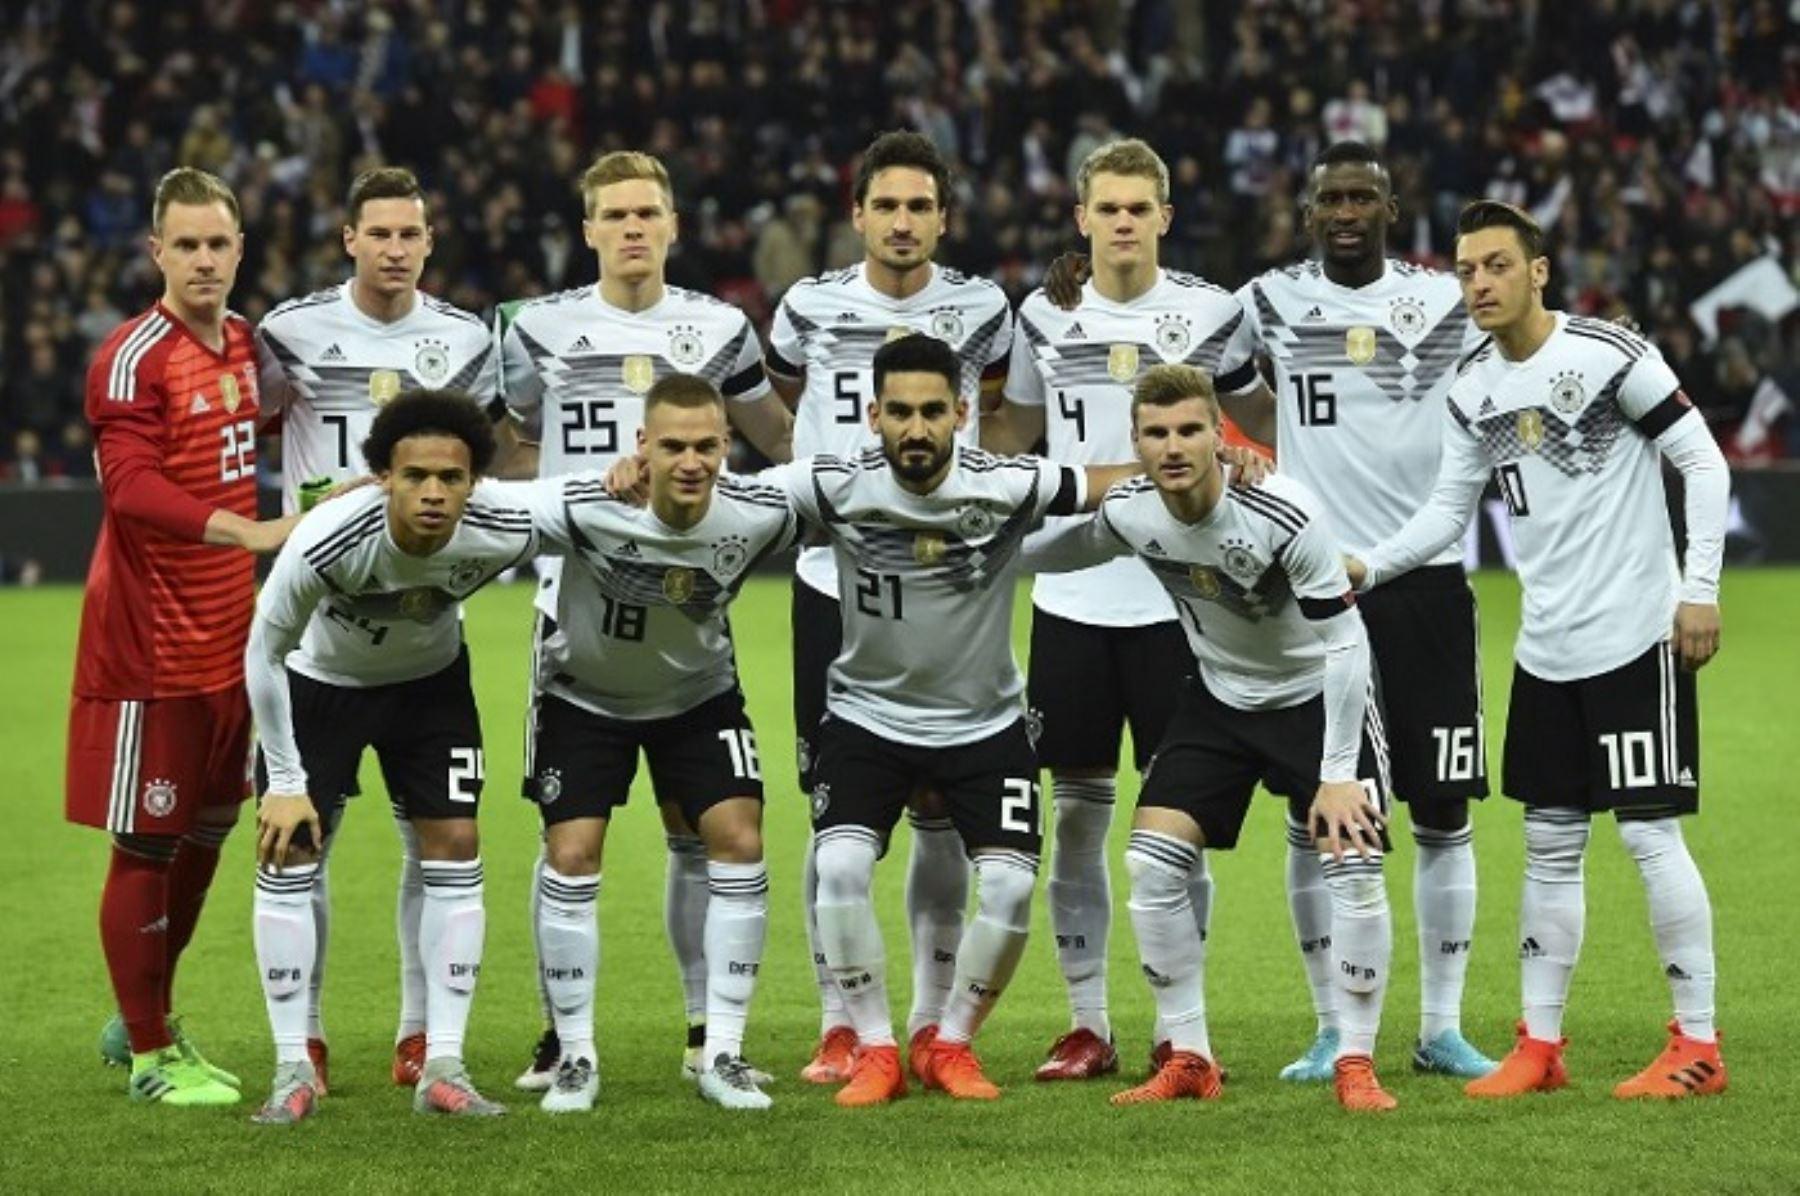 Alemania es una de las favoritas para levantar el título mundial de Rusia 2018.